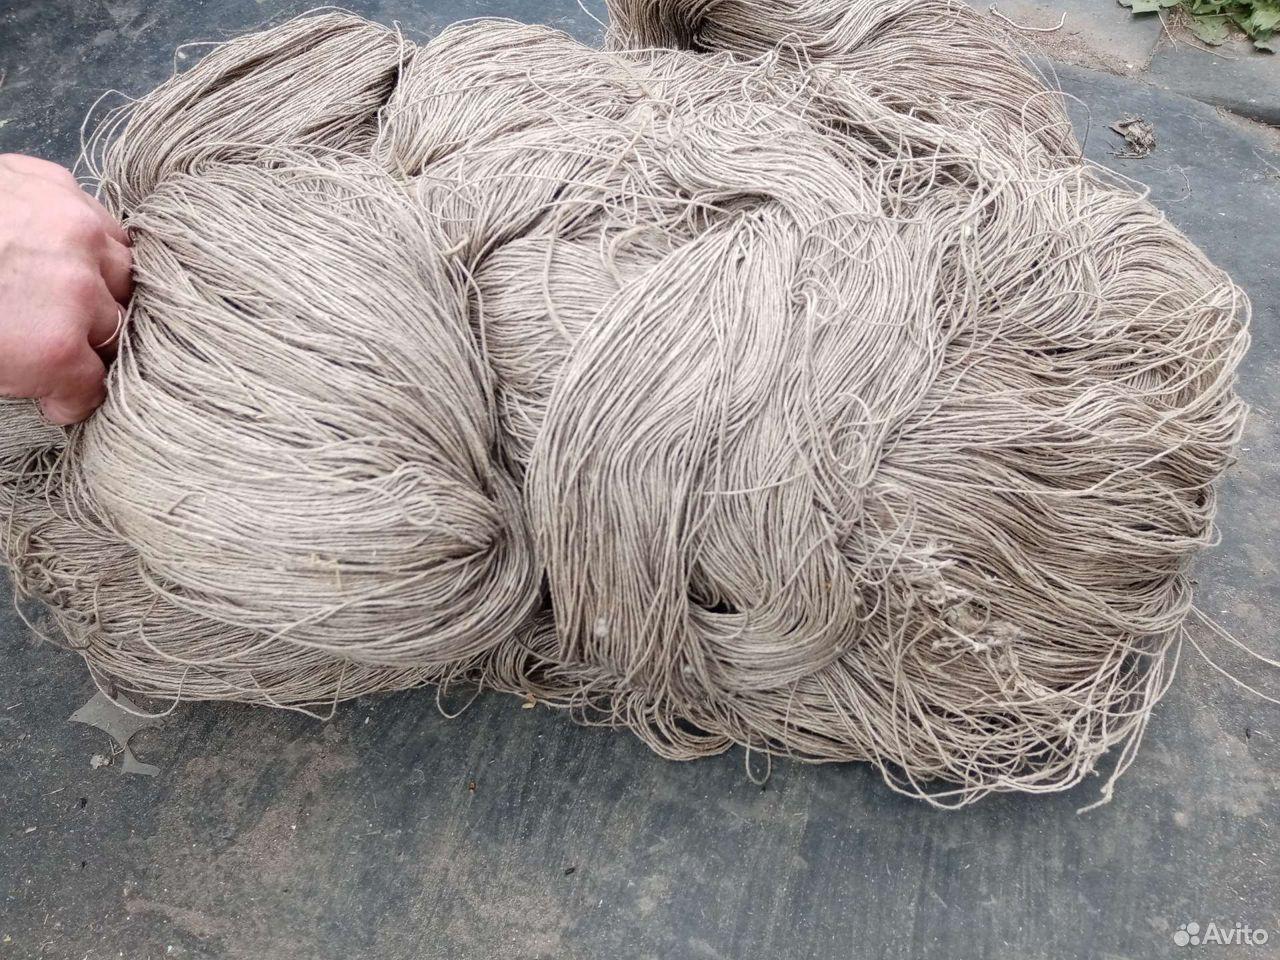 Нити для рыболовных сетей  89530586964 купить 2